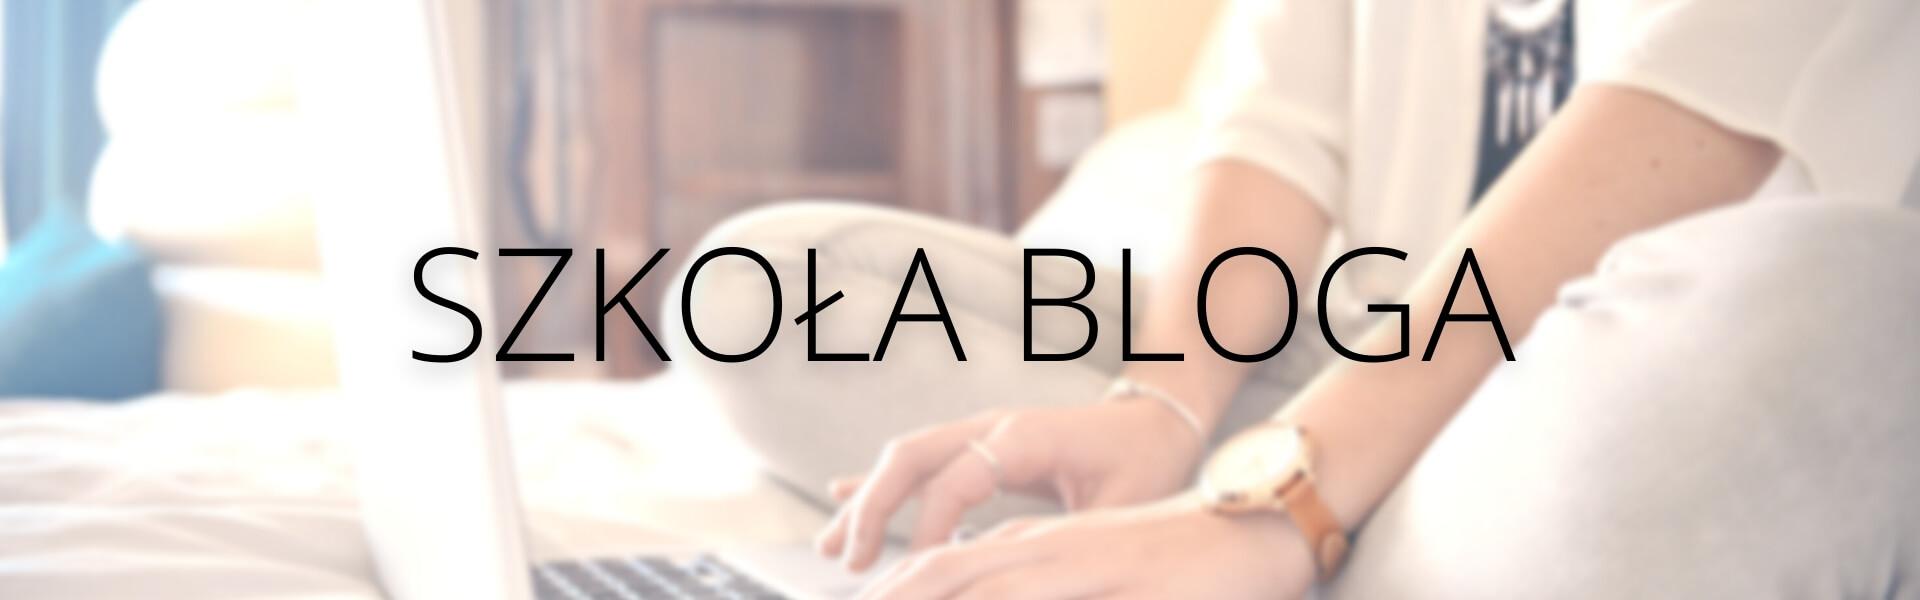 Szkoła bloga